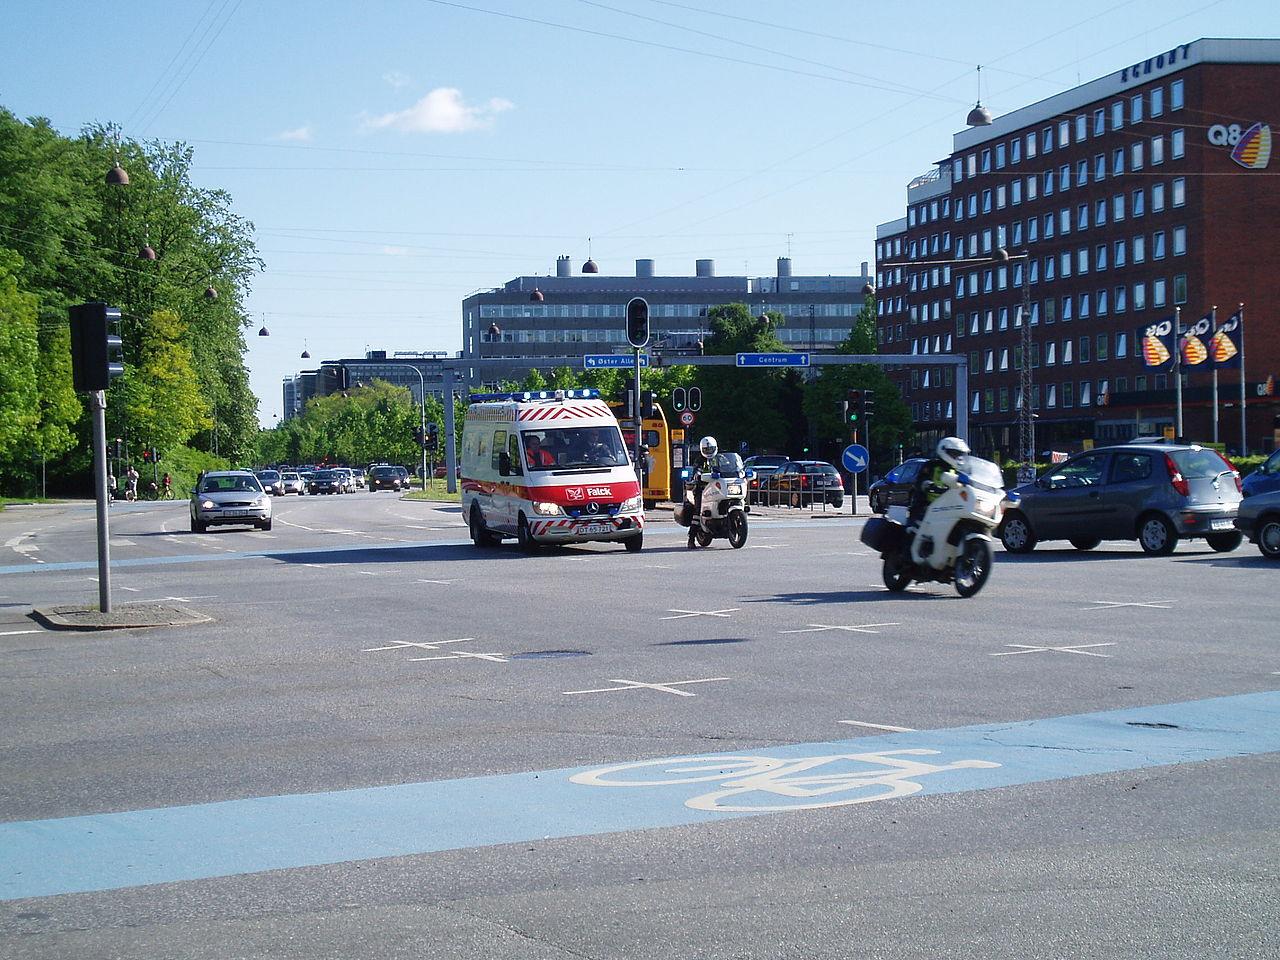 København escort pornostjerne wiki